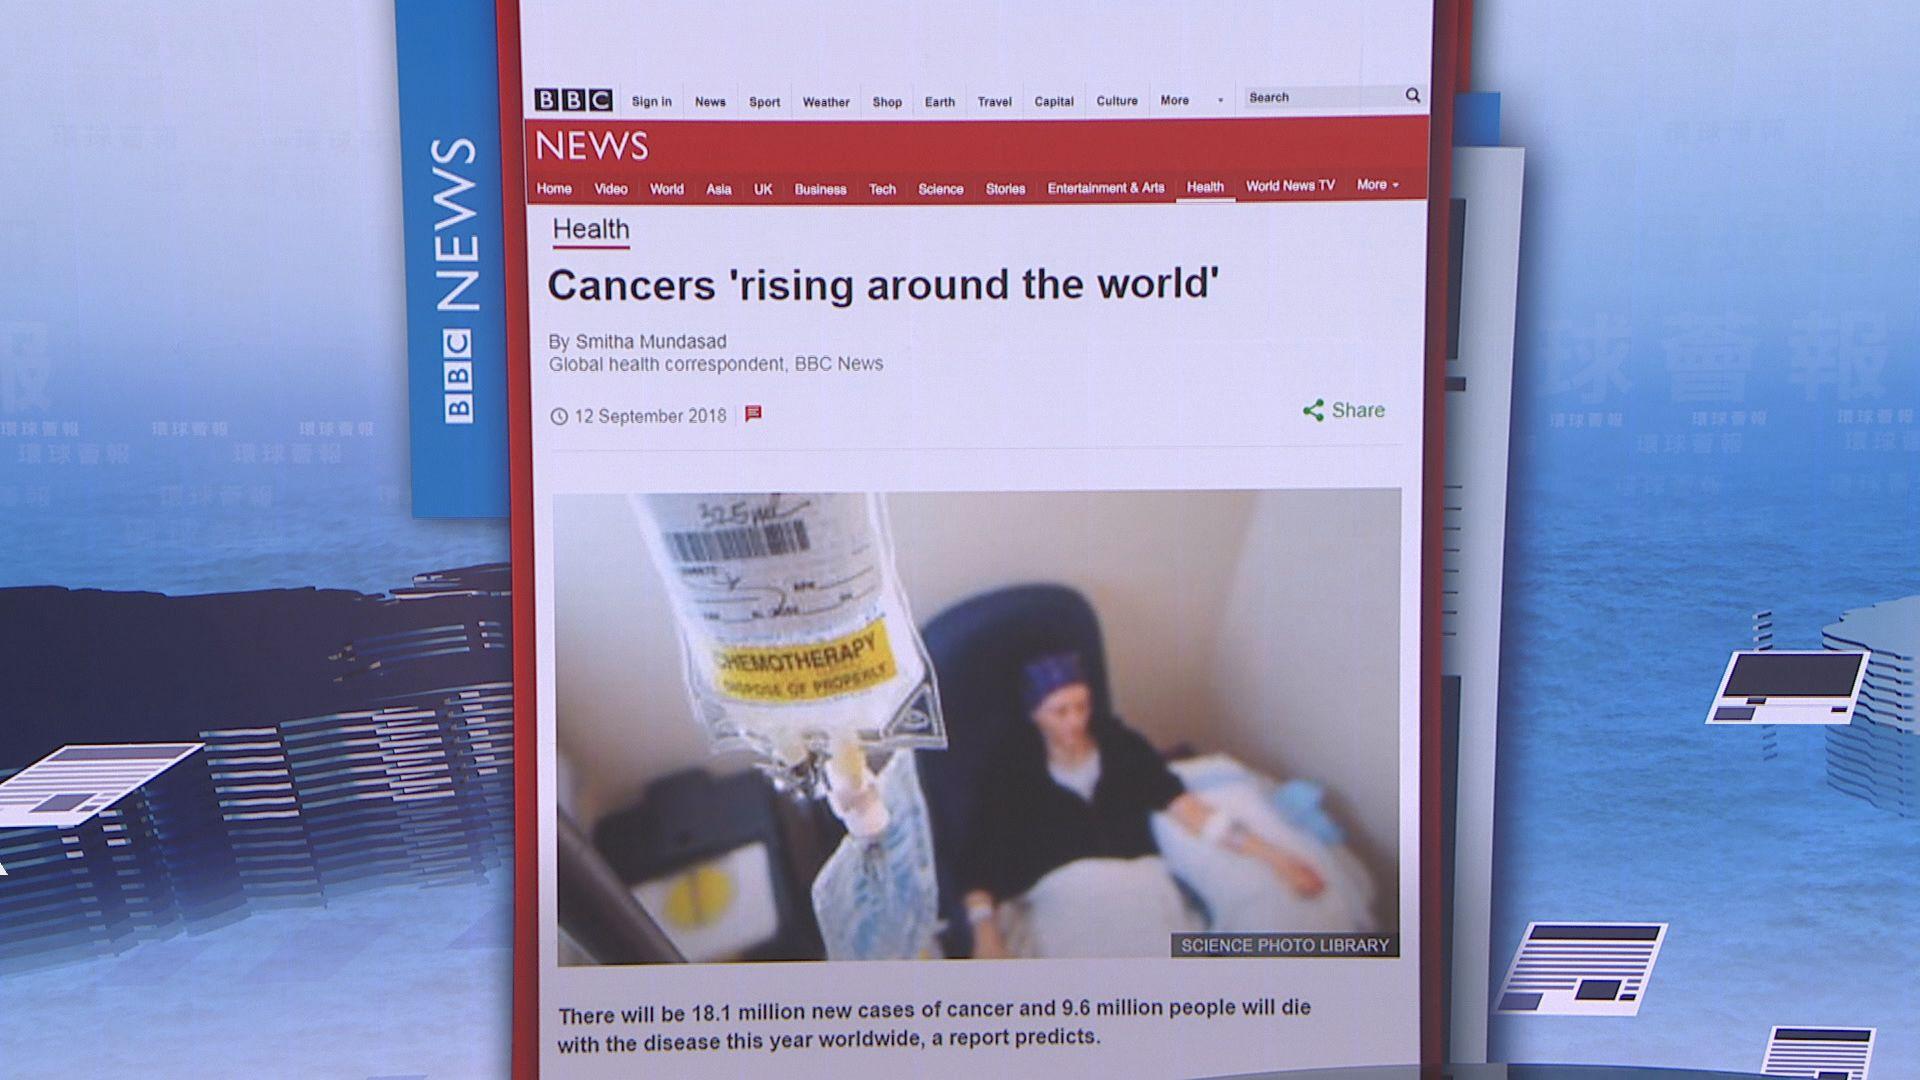 【環球薈報】報告指今年全球逾九百萬人死於癌症